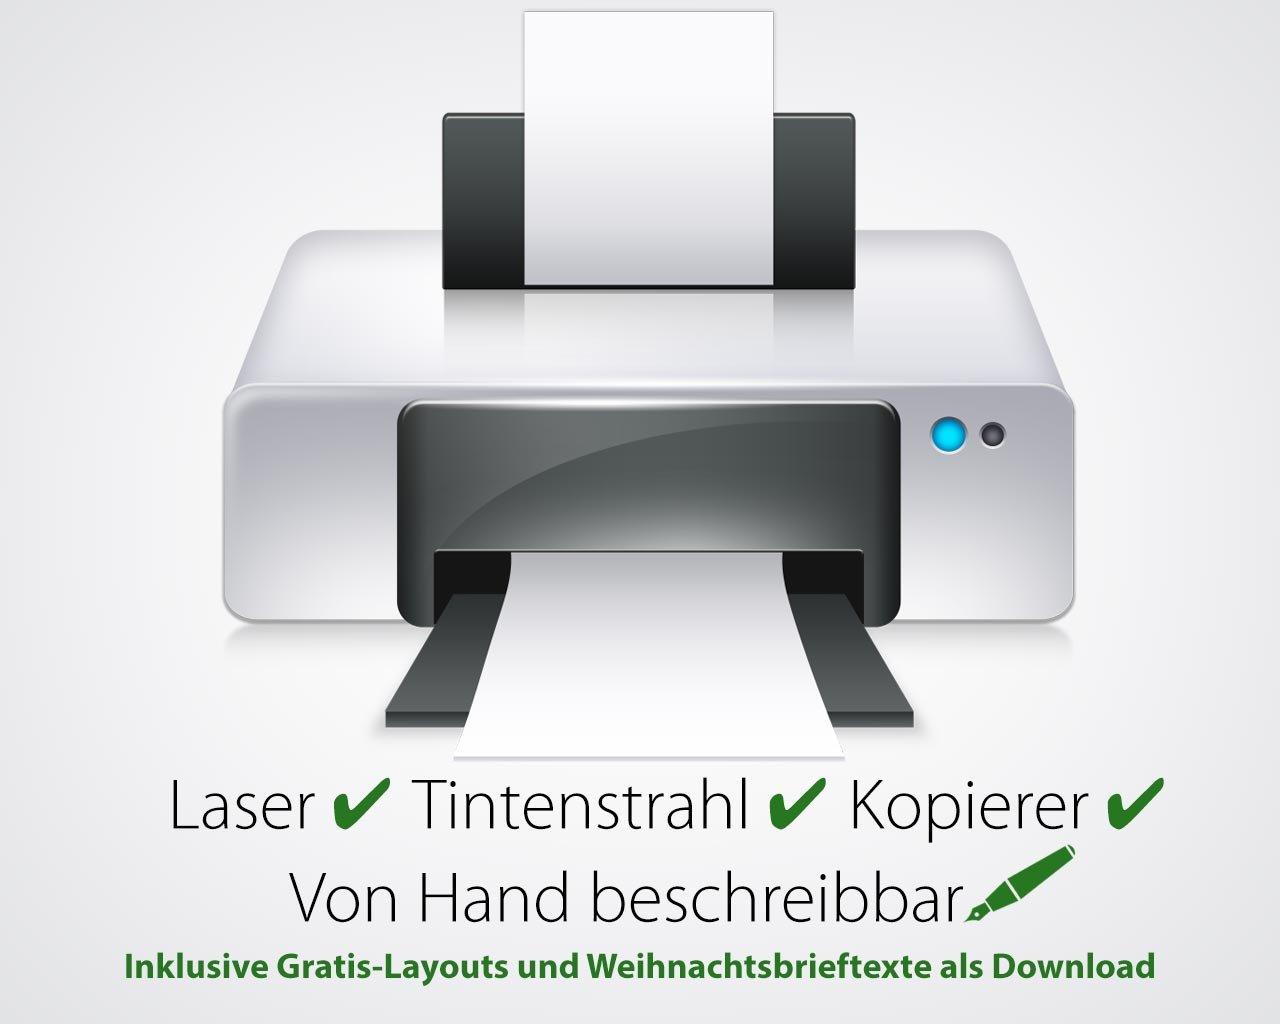 Weihnachtskarten Simplyy Stars 240g-Karton DIN LANG-Format problemlos bedruckbar mit allen Druckern 10 St/Ÿck